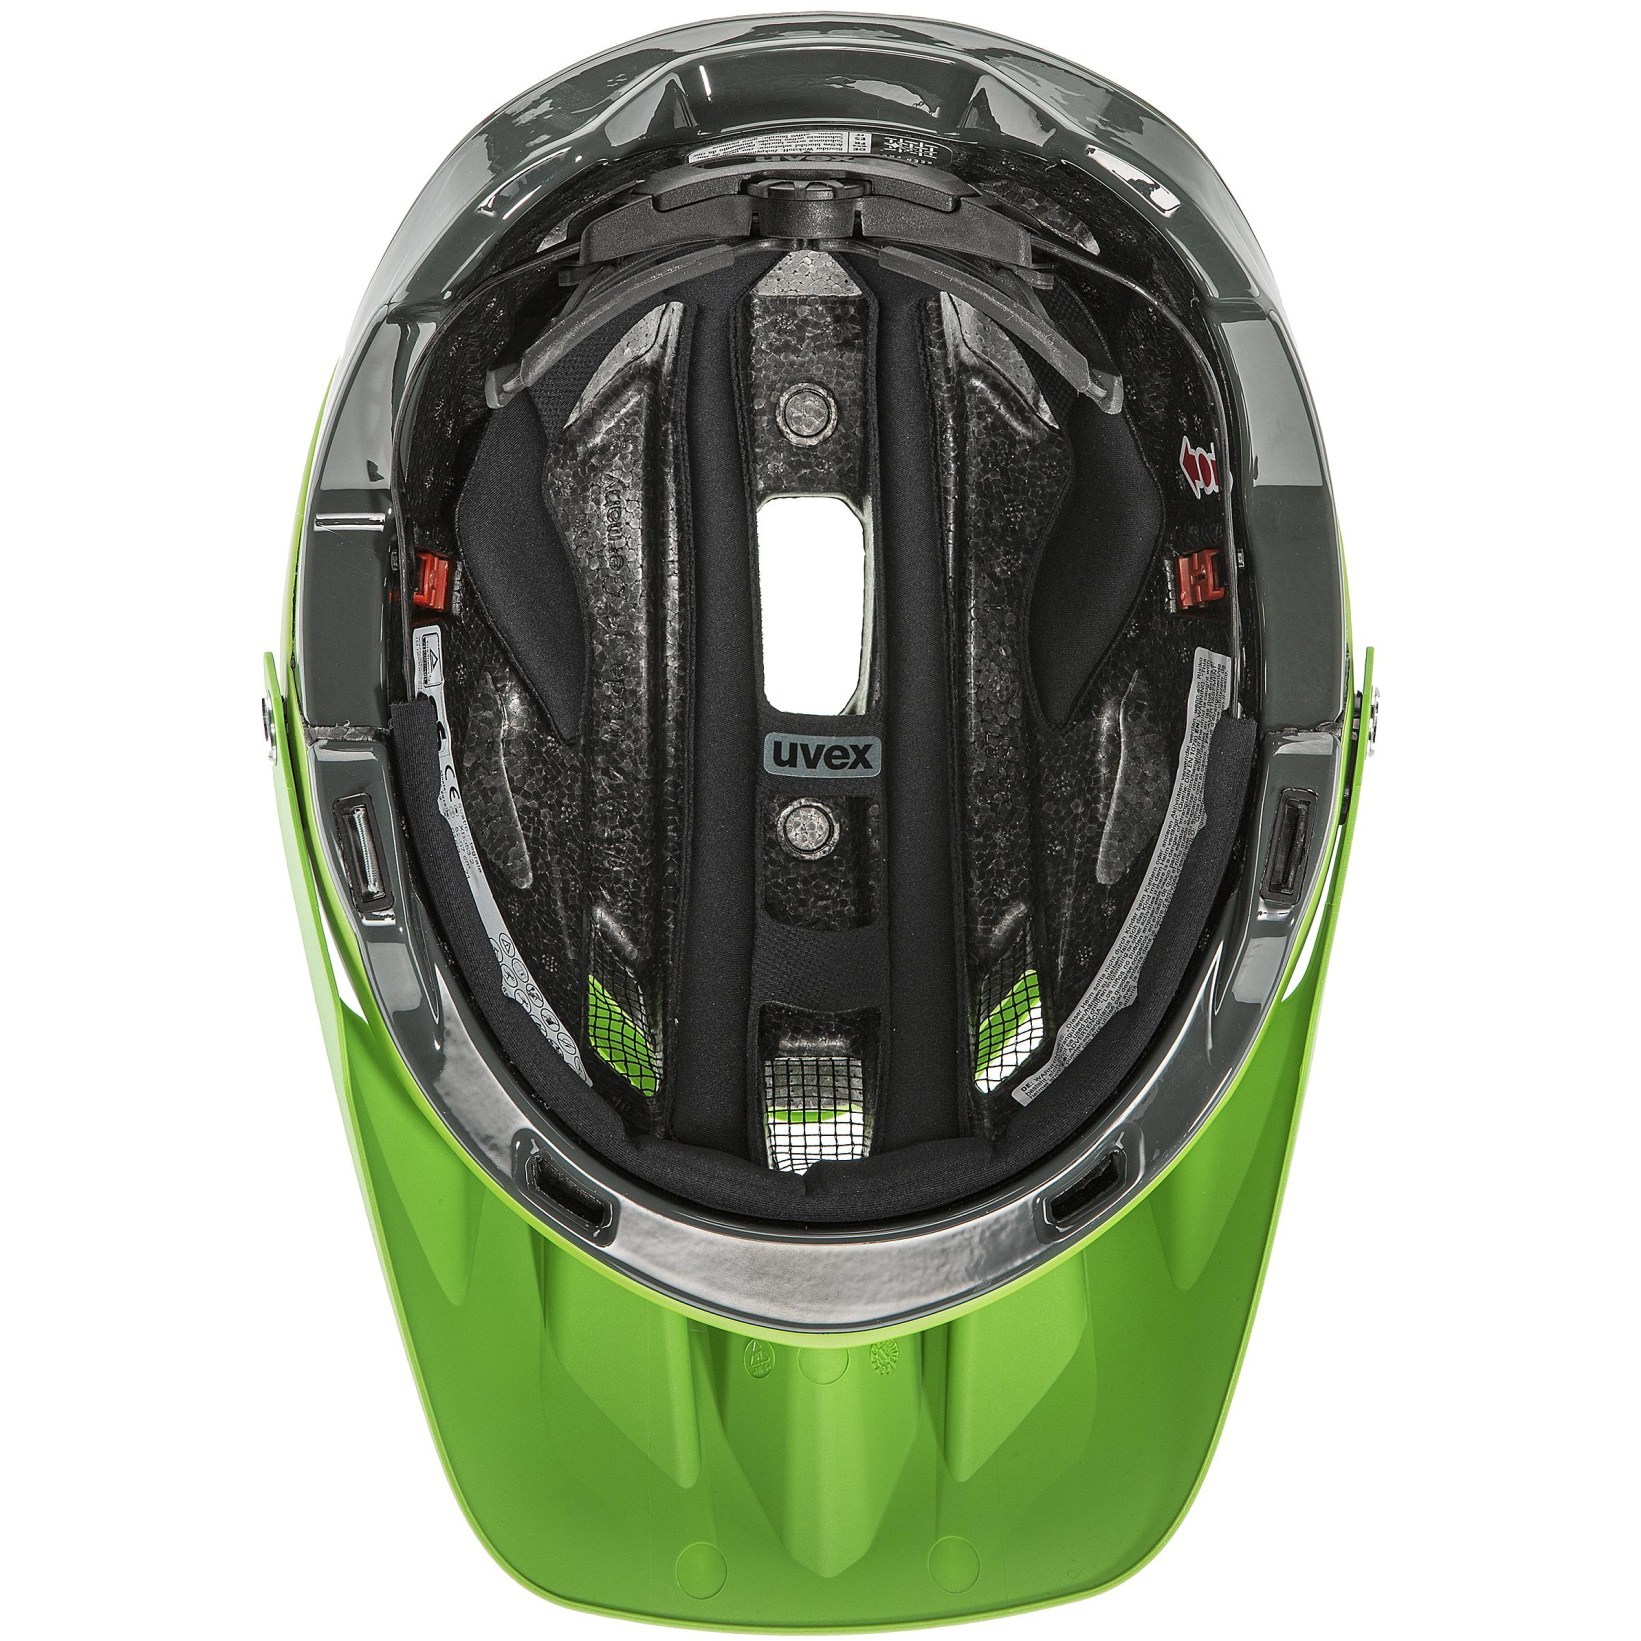 Image of Uvex quatro integrale Helmet - lime anthracite mat